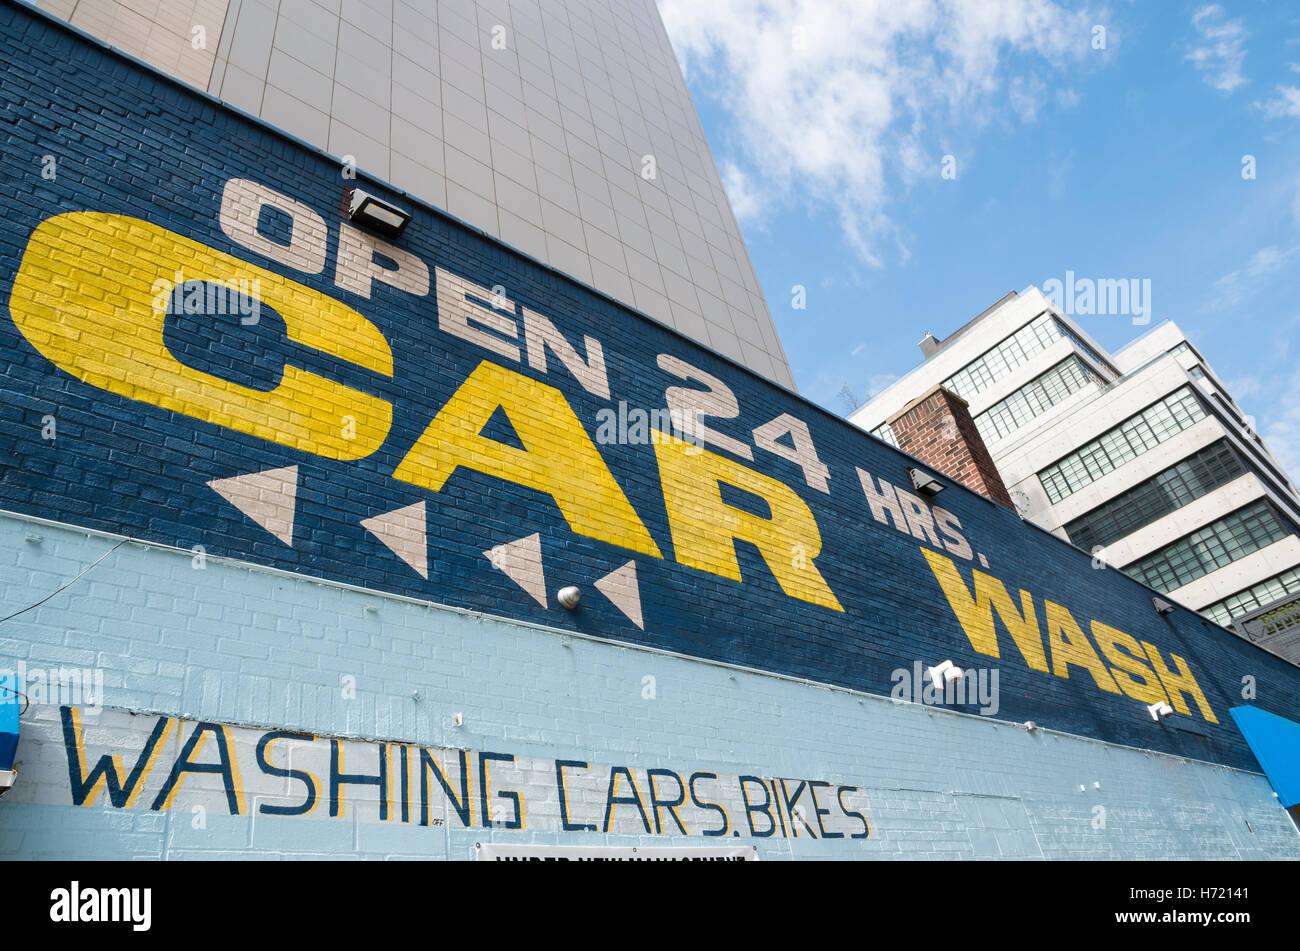 Esterno dipinto di parete murale pubblicitario di un autolavaggio